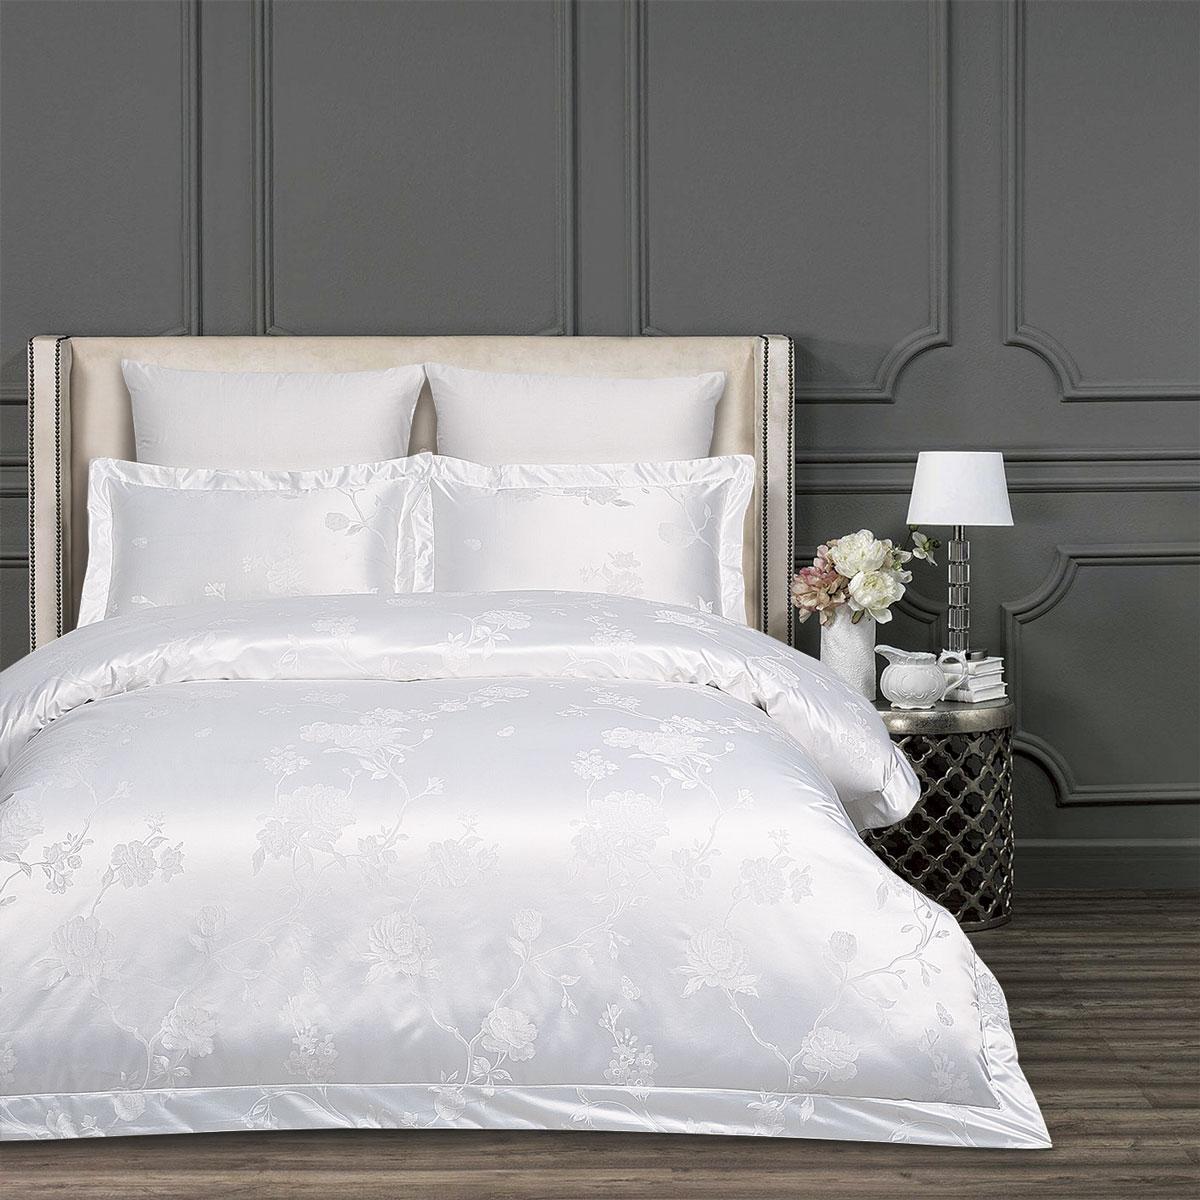 Купить Комплекты постельного белья Arya, Постельное белье Agota Цвет: Белый (2 сп. евро), Турция, Вискозный сатин